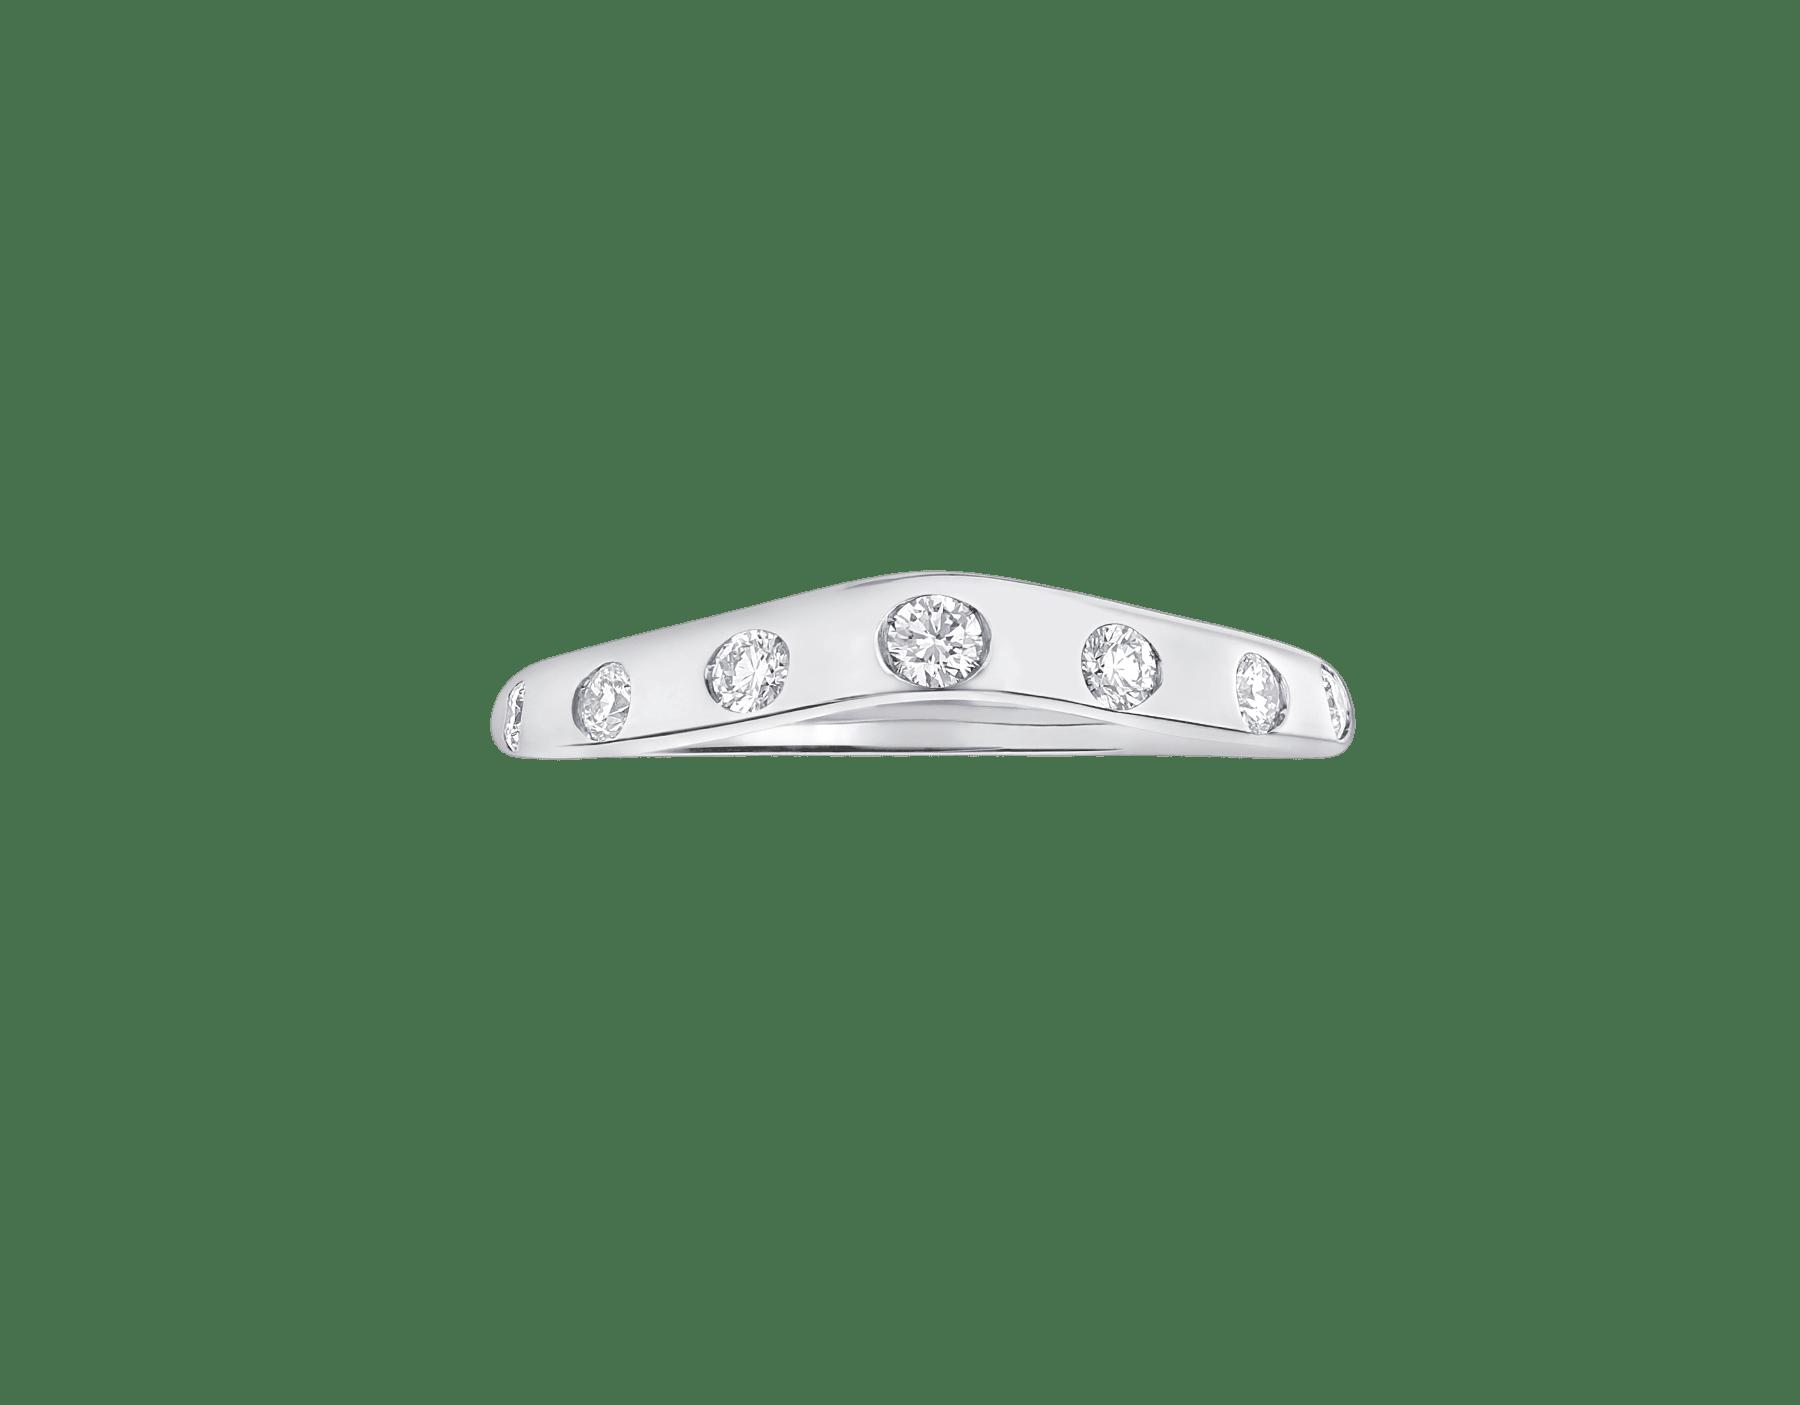 フェディ ウェディング・リング。ダイヤモンド7個を配したプラチナ製。 Corona-2 image 2